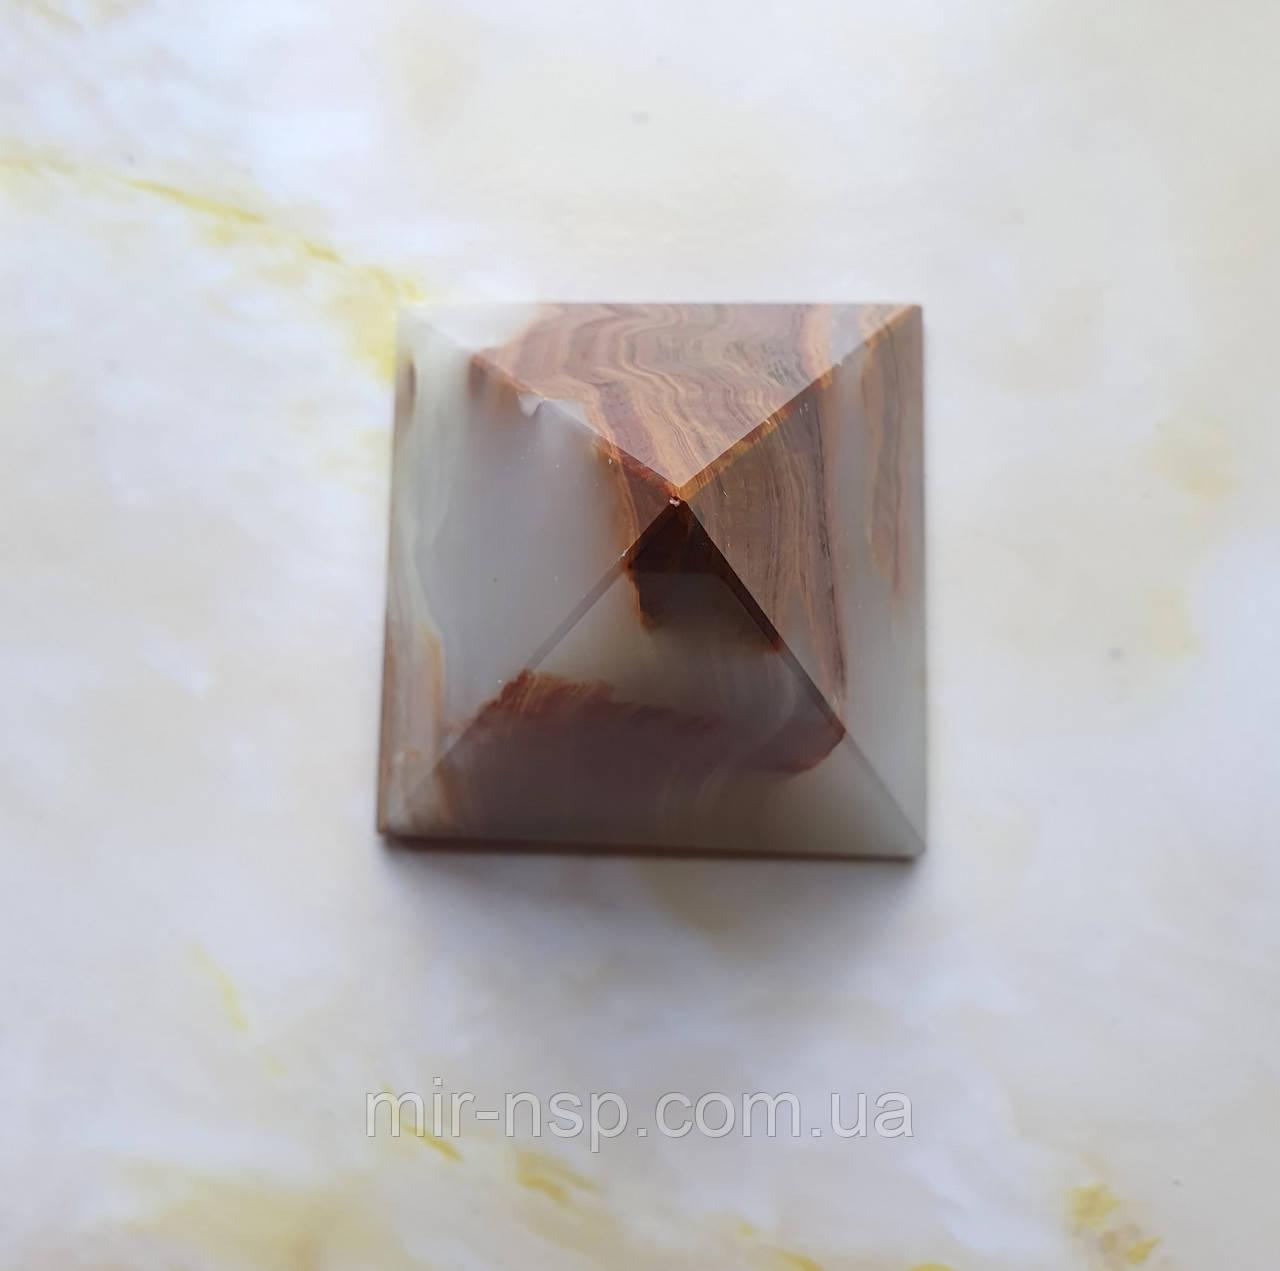 Пирамида из натурального оникса 74*64*64 мм вес 290г